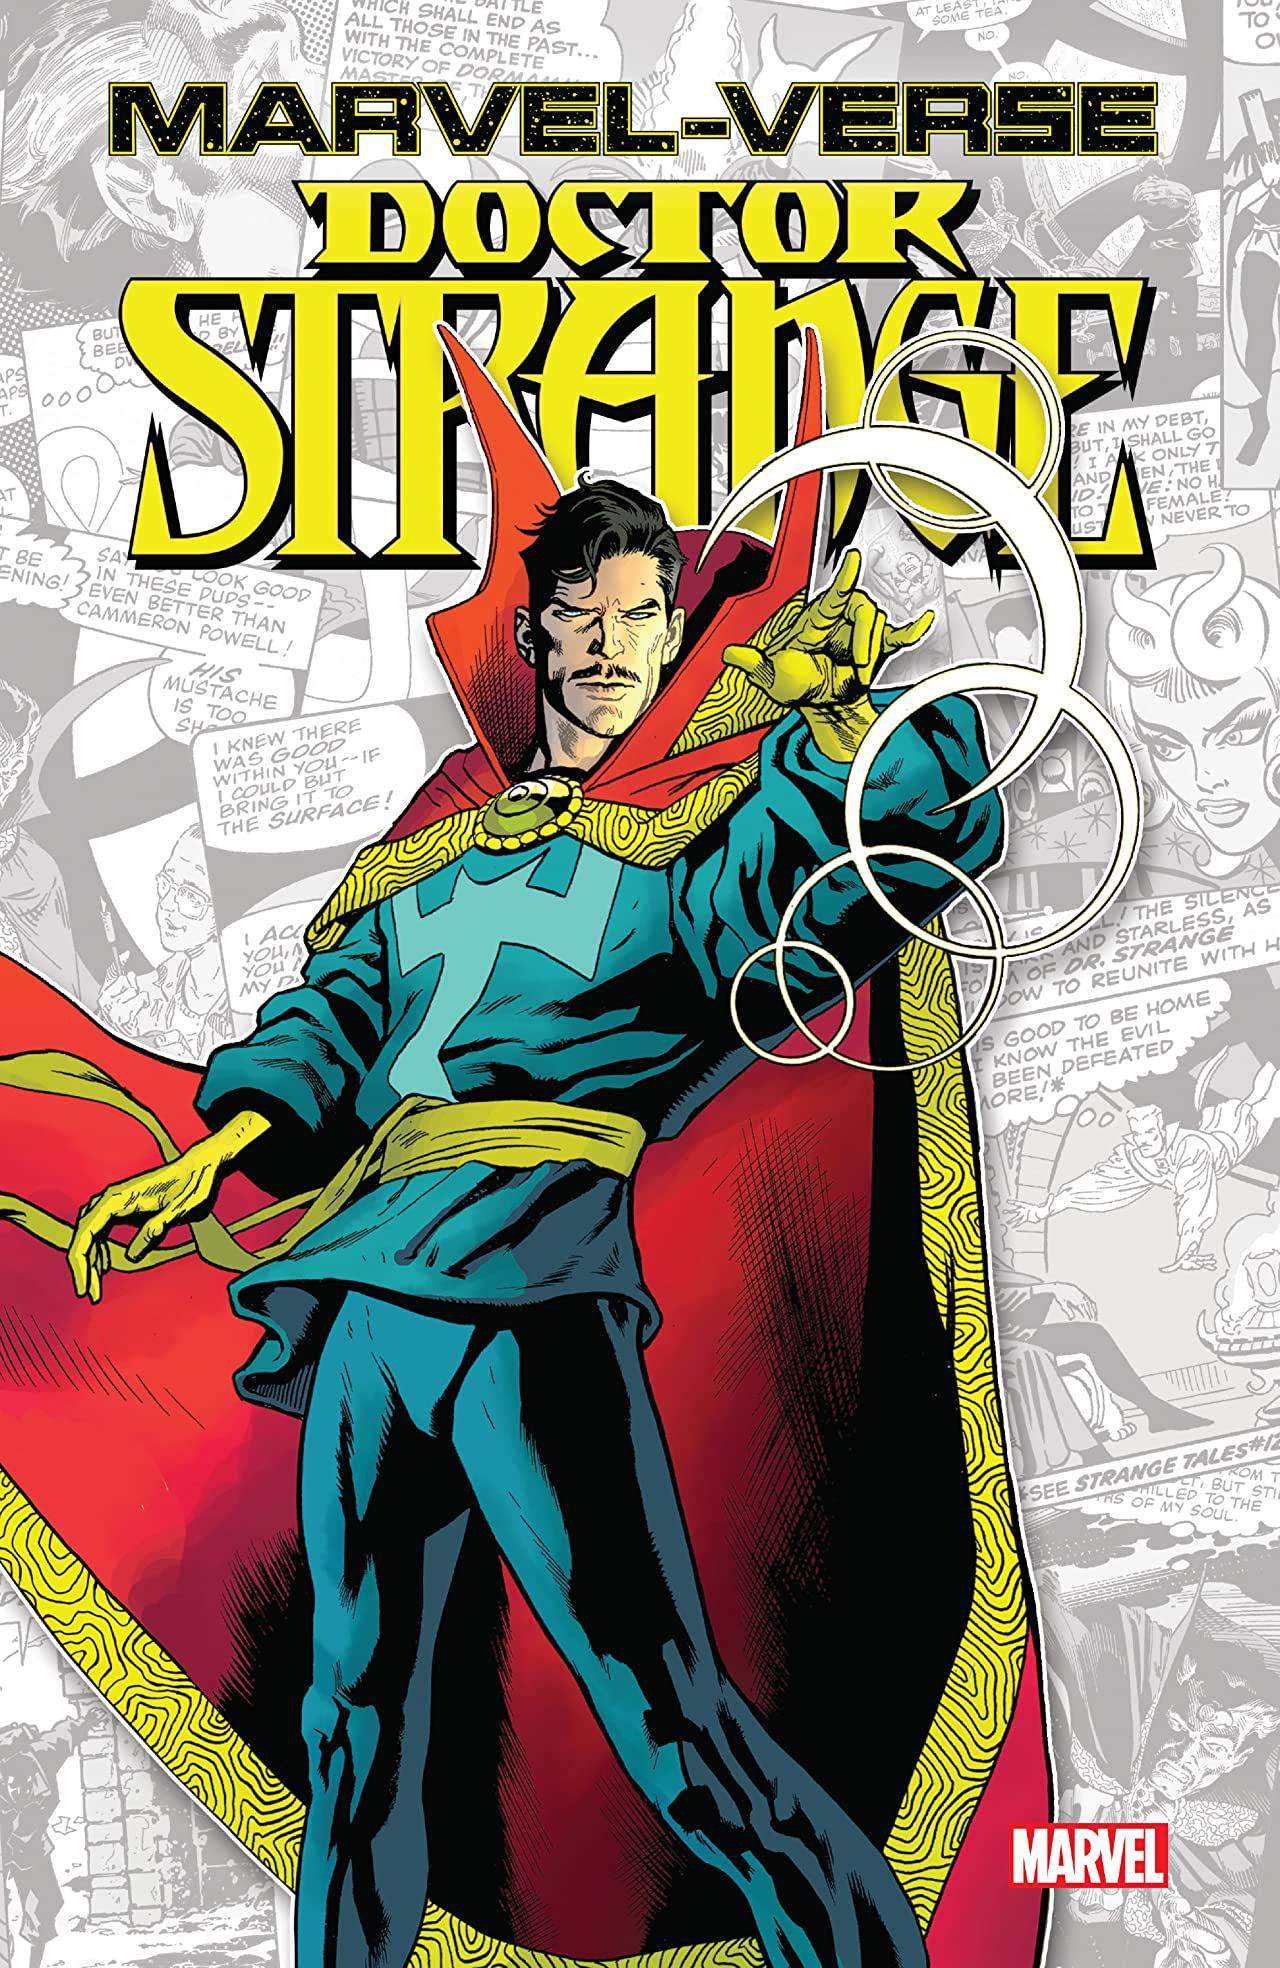 Marvel-Verse: Doctor Strange (Trade Paperback)